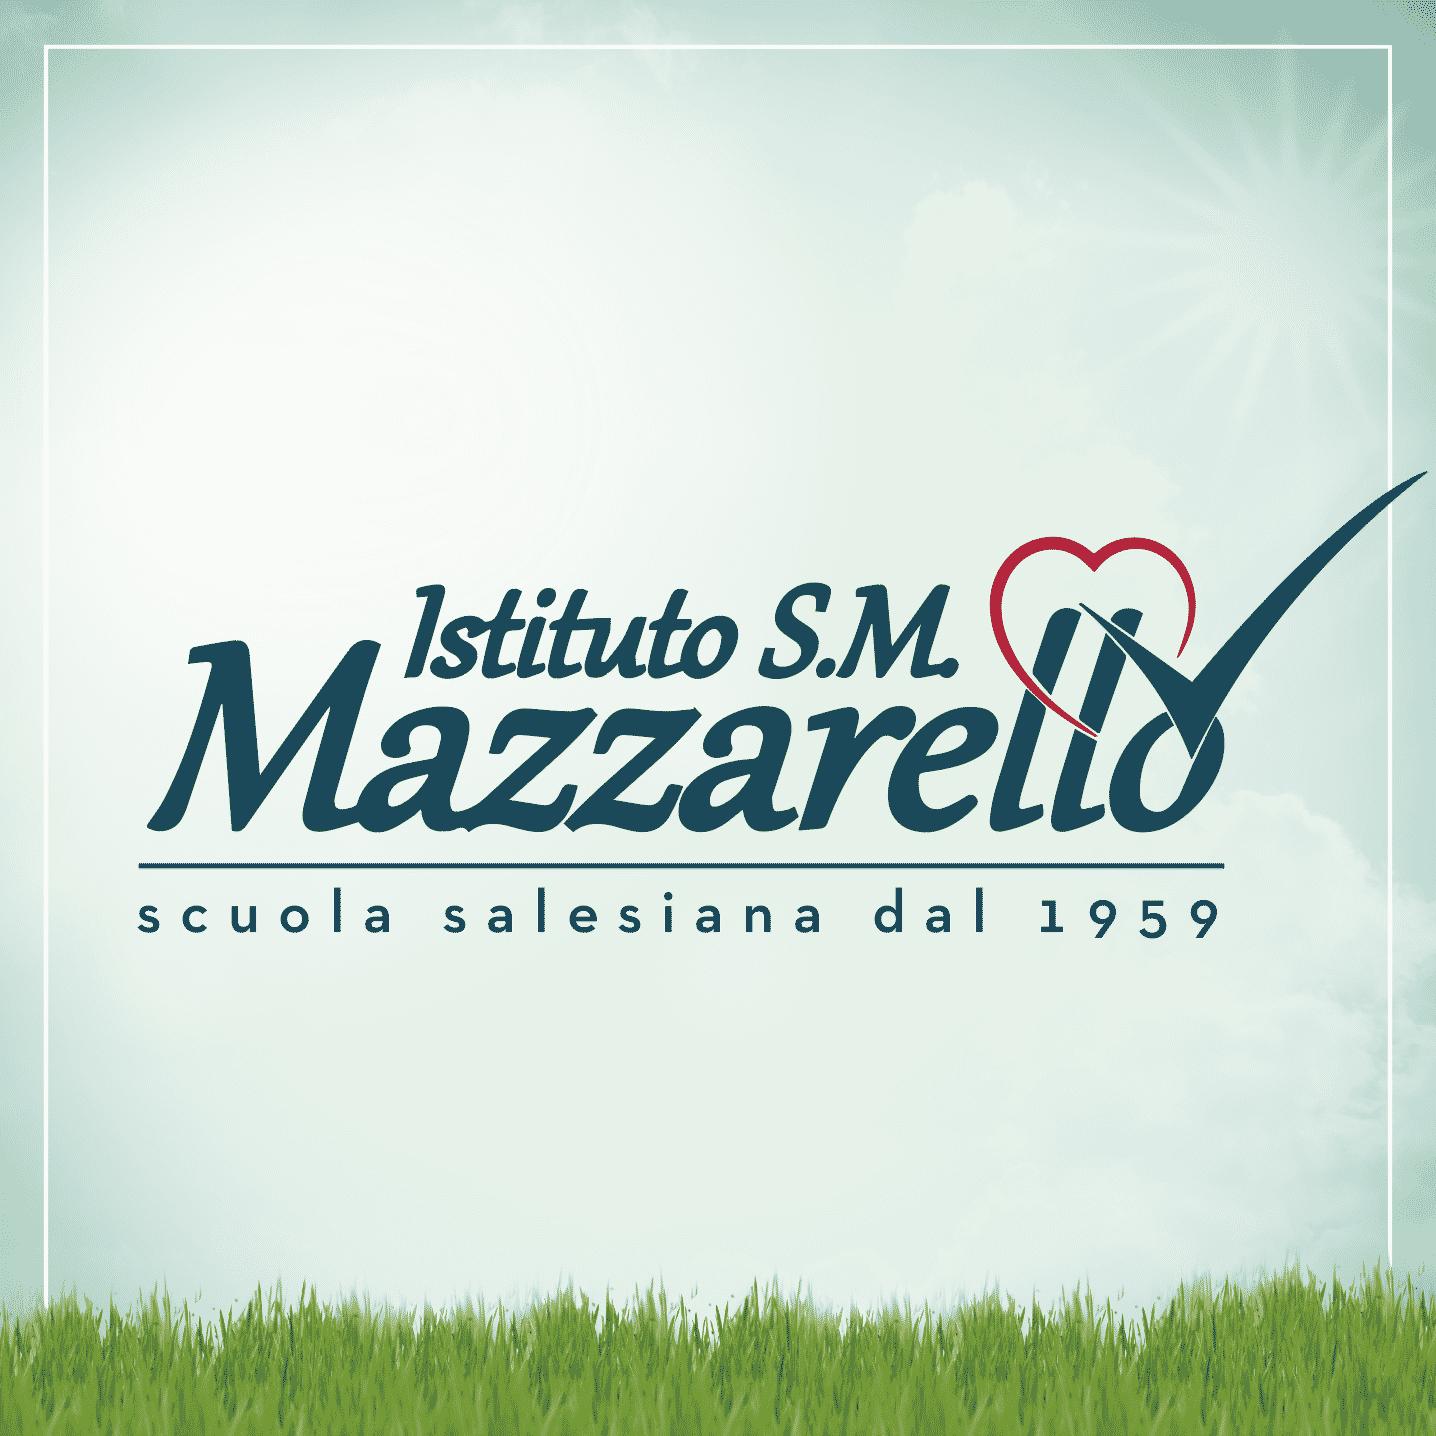 bbadv-istituto-salesiano-mazzarello-logo-rebranding